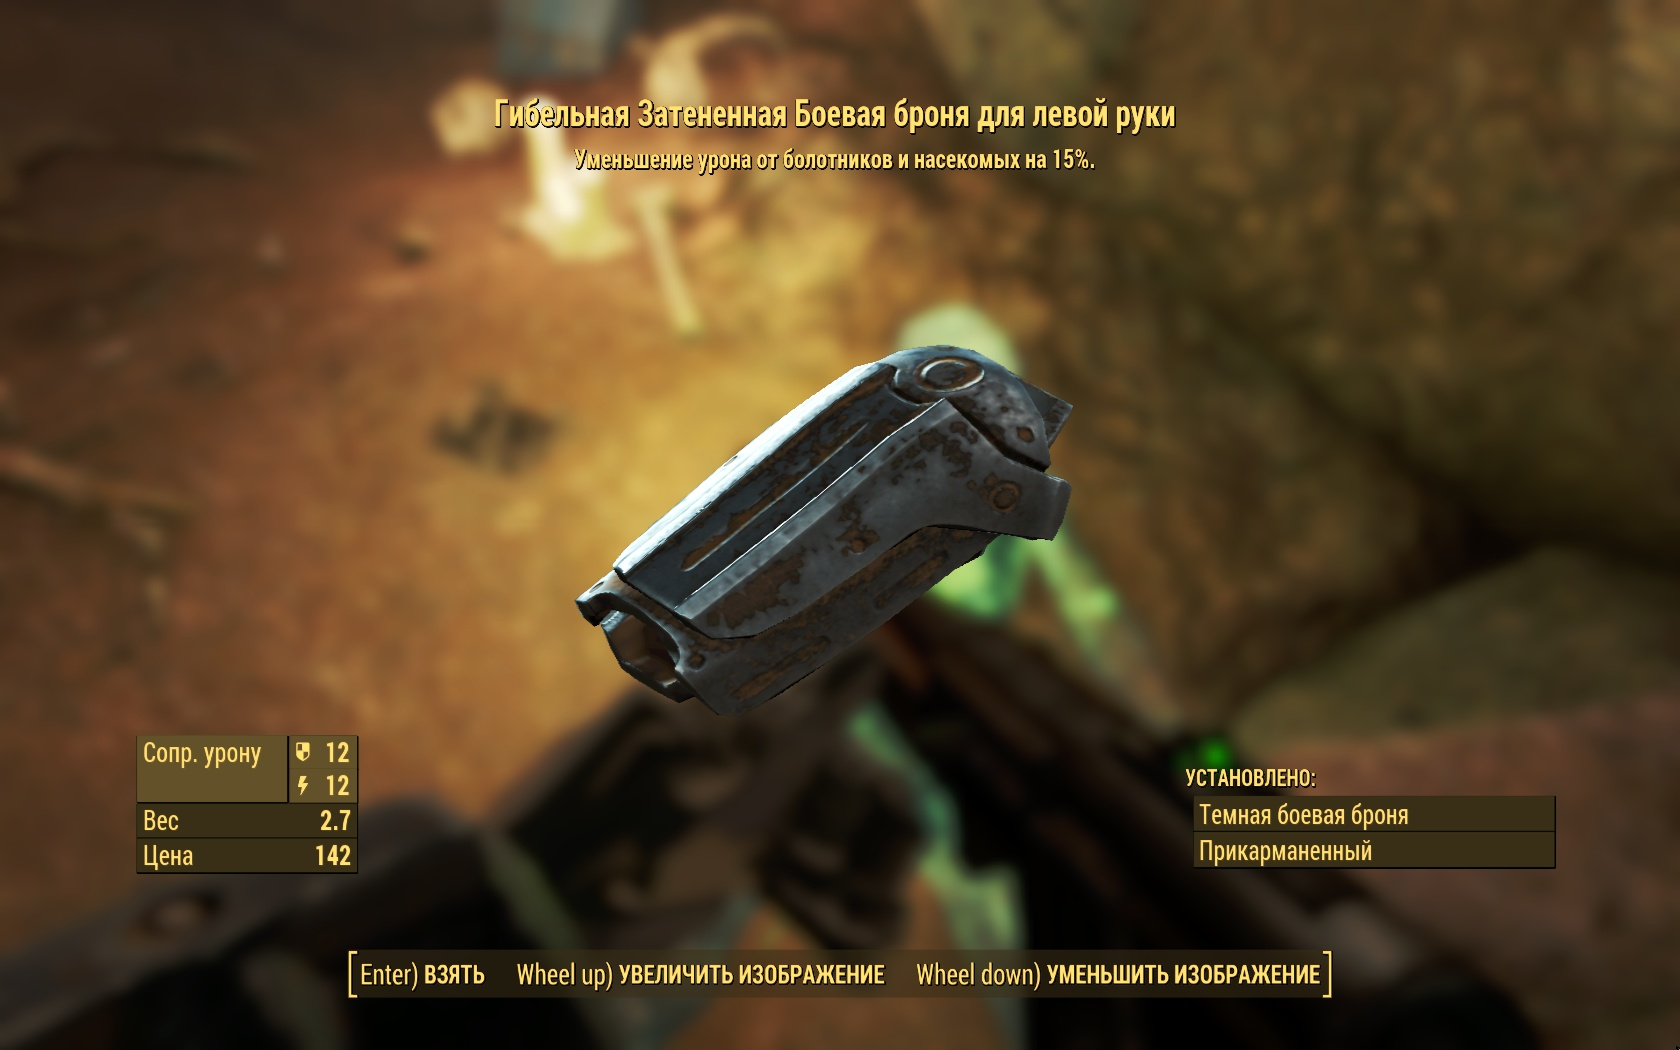 Гибельная затенённая боевая броня для левой руки - Fallout 4 броня, Гибельная, затенённая, Одежда